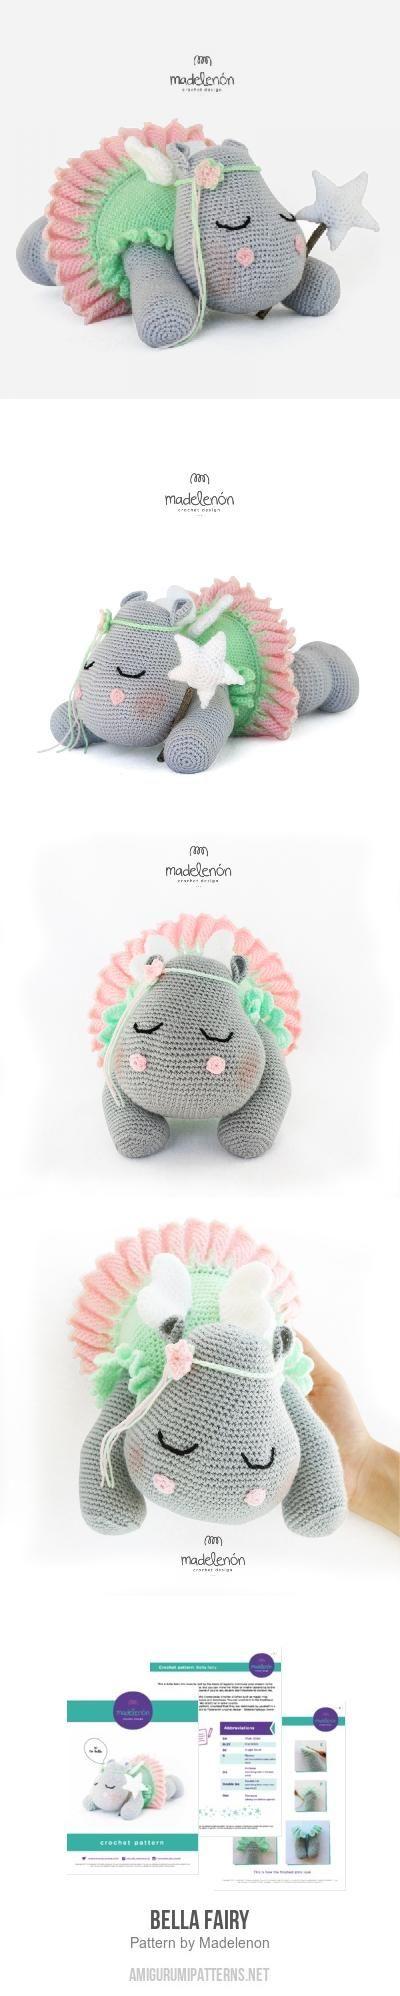 Bella Fairy amigurumi pattern by Madelenon   Hipopótamo, Tejido y Ideas